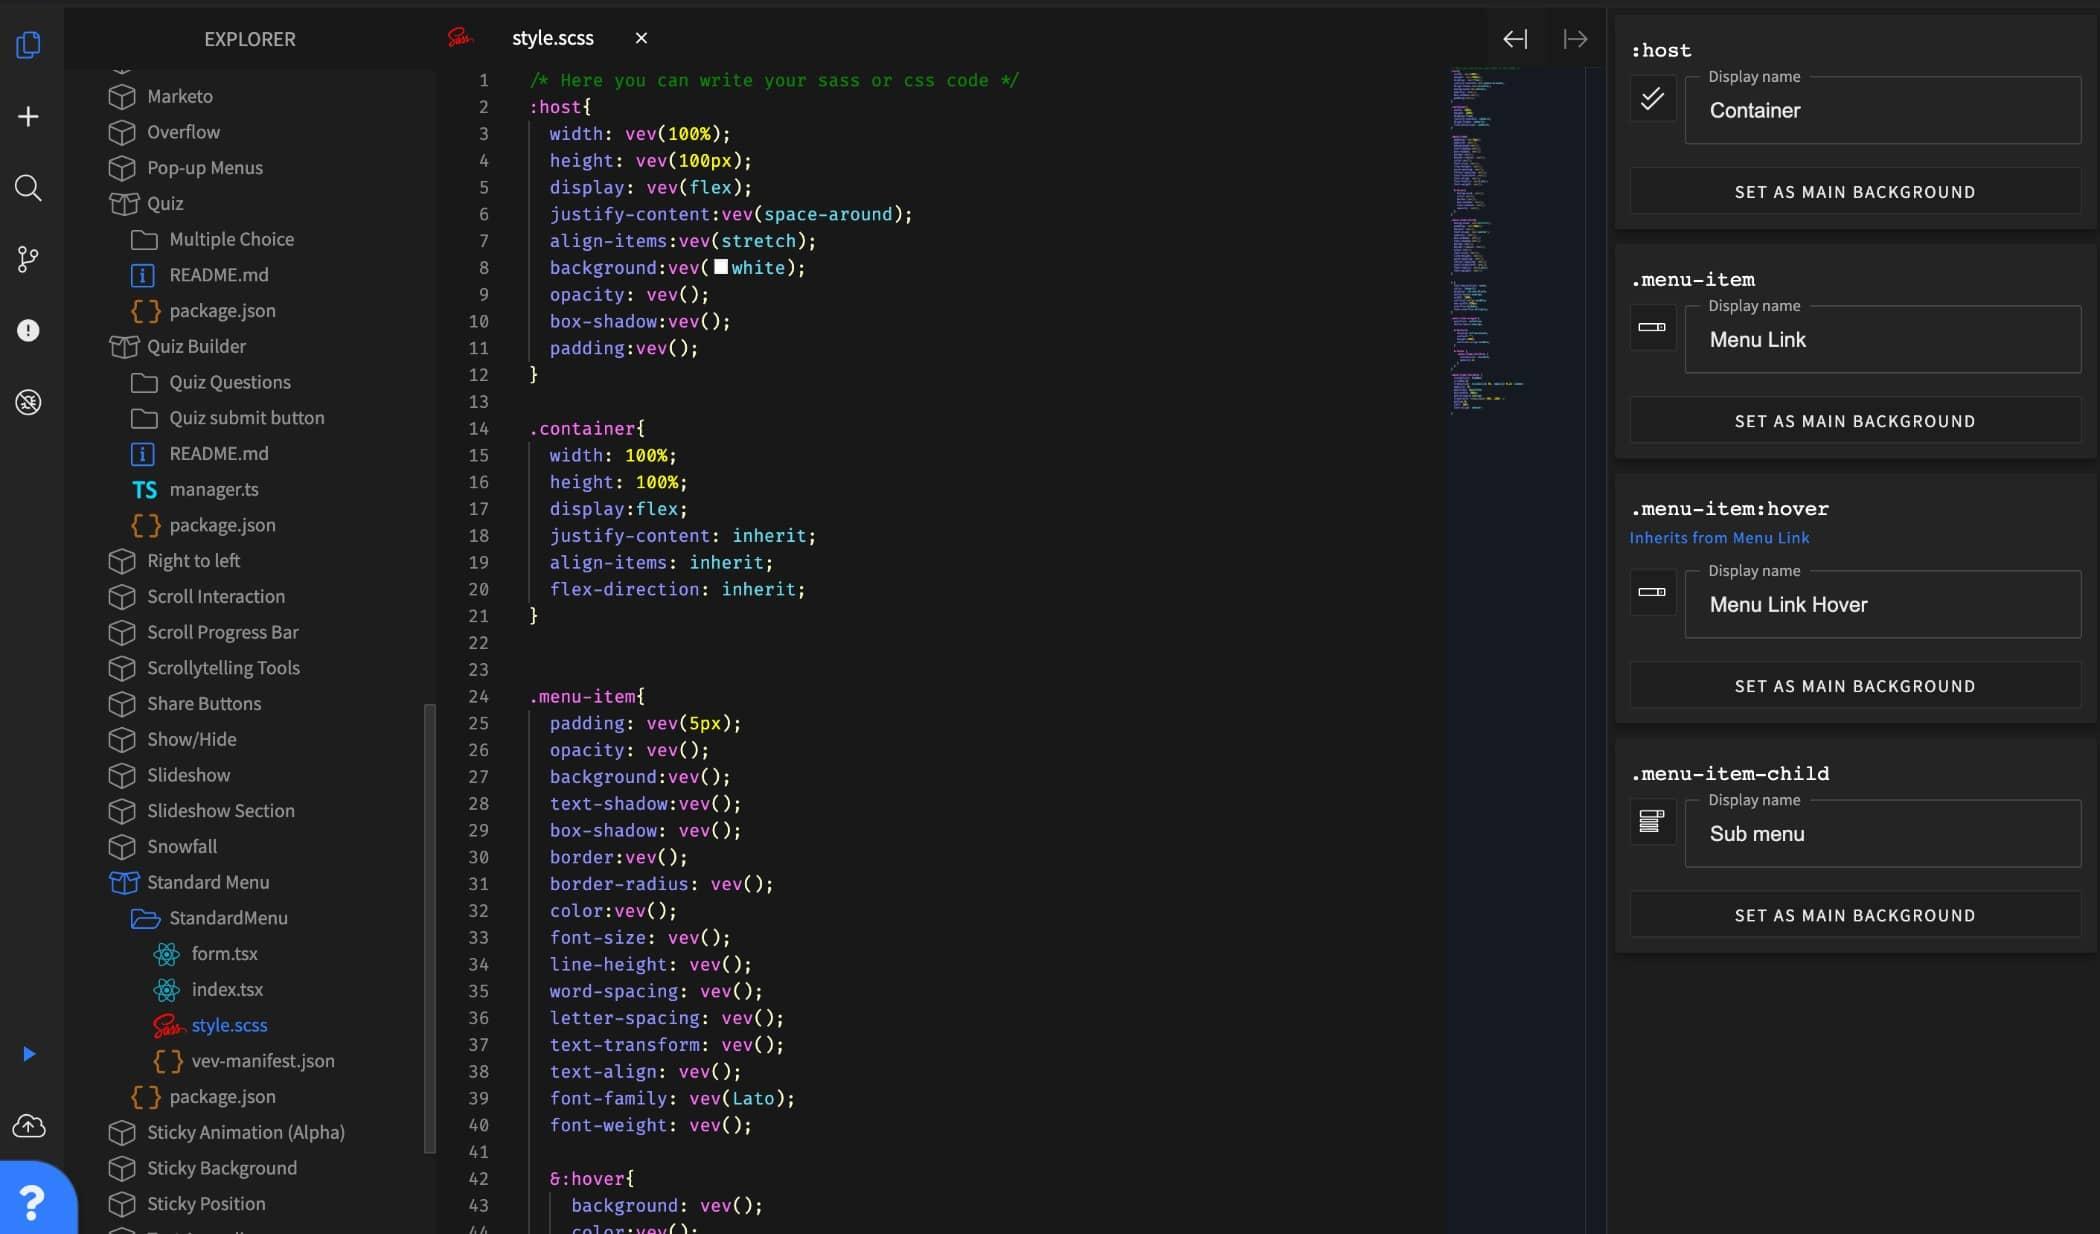 Screenshot, Font, Text